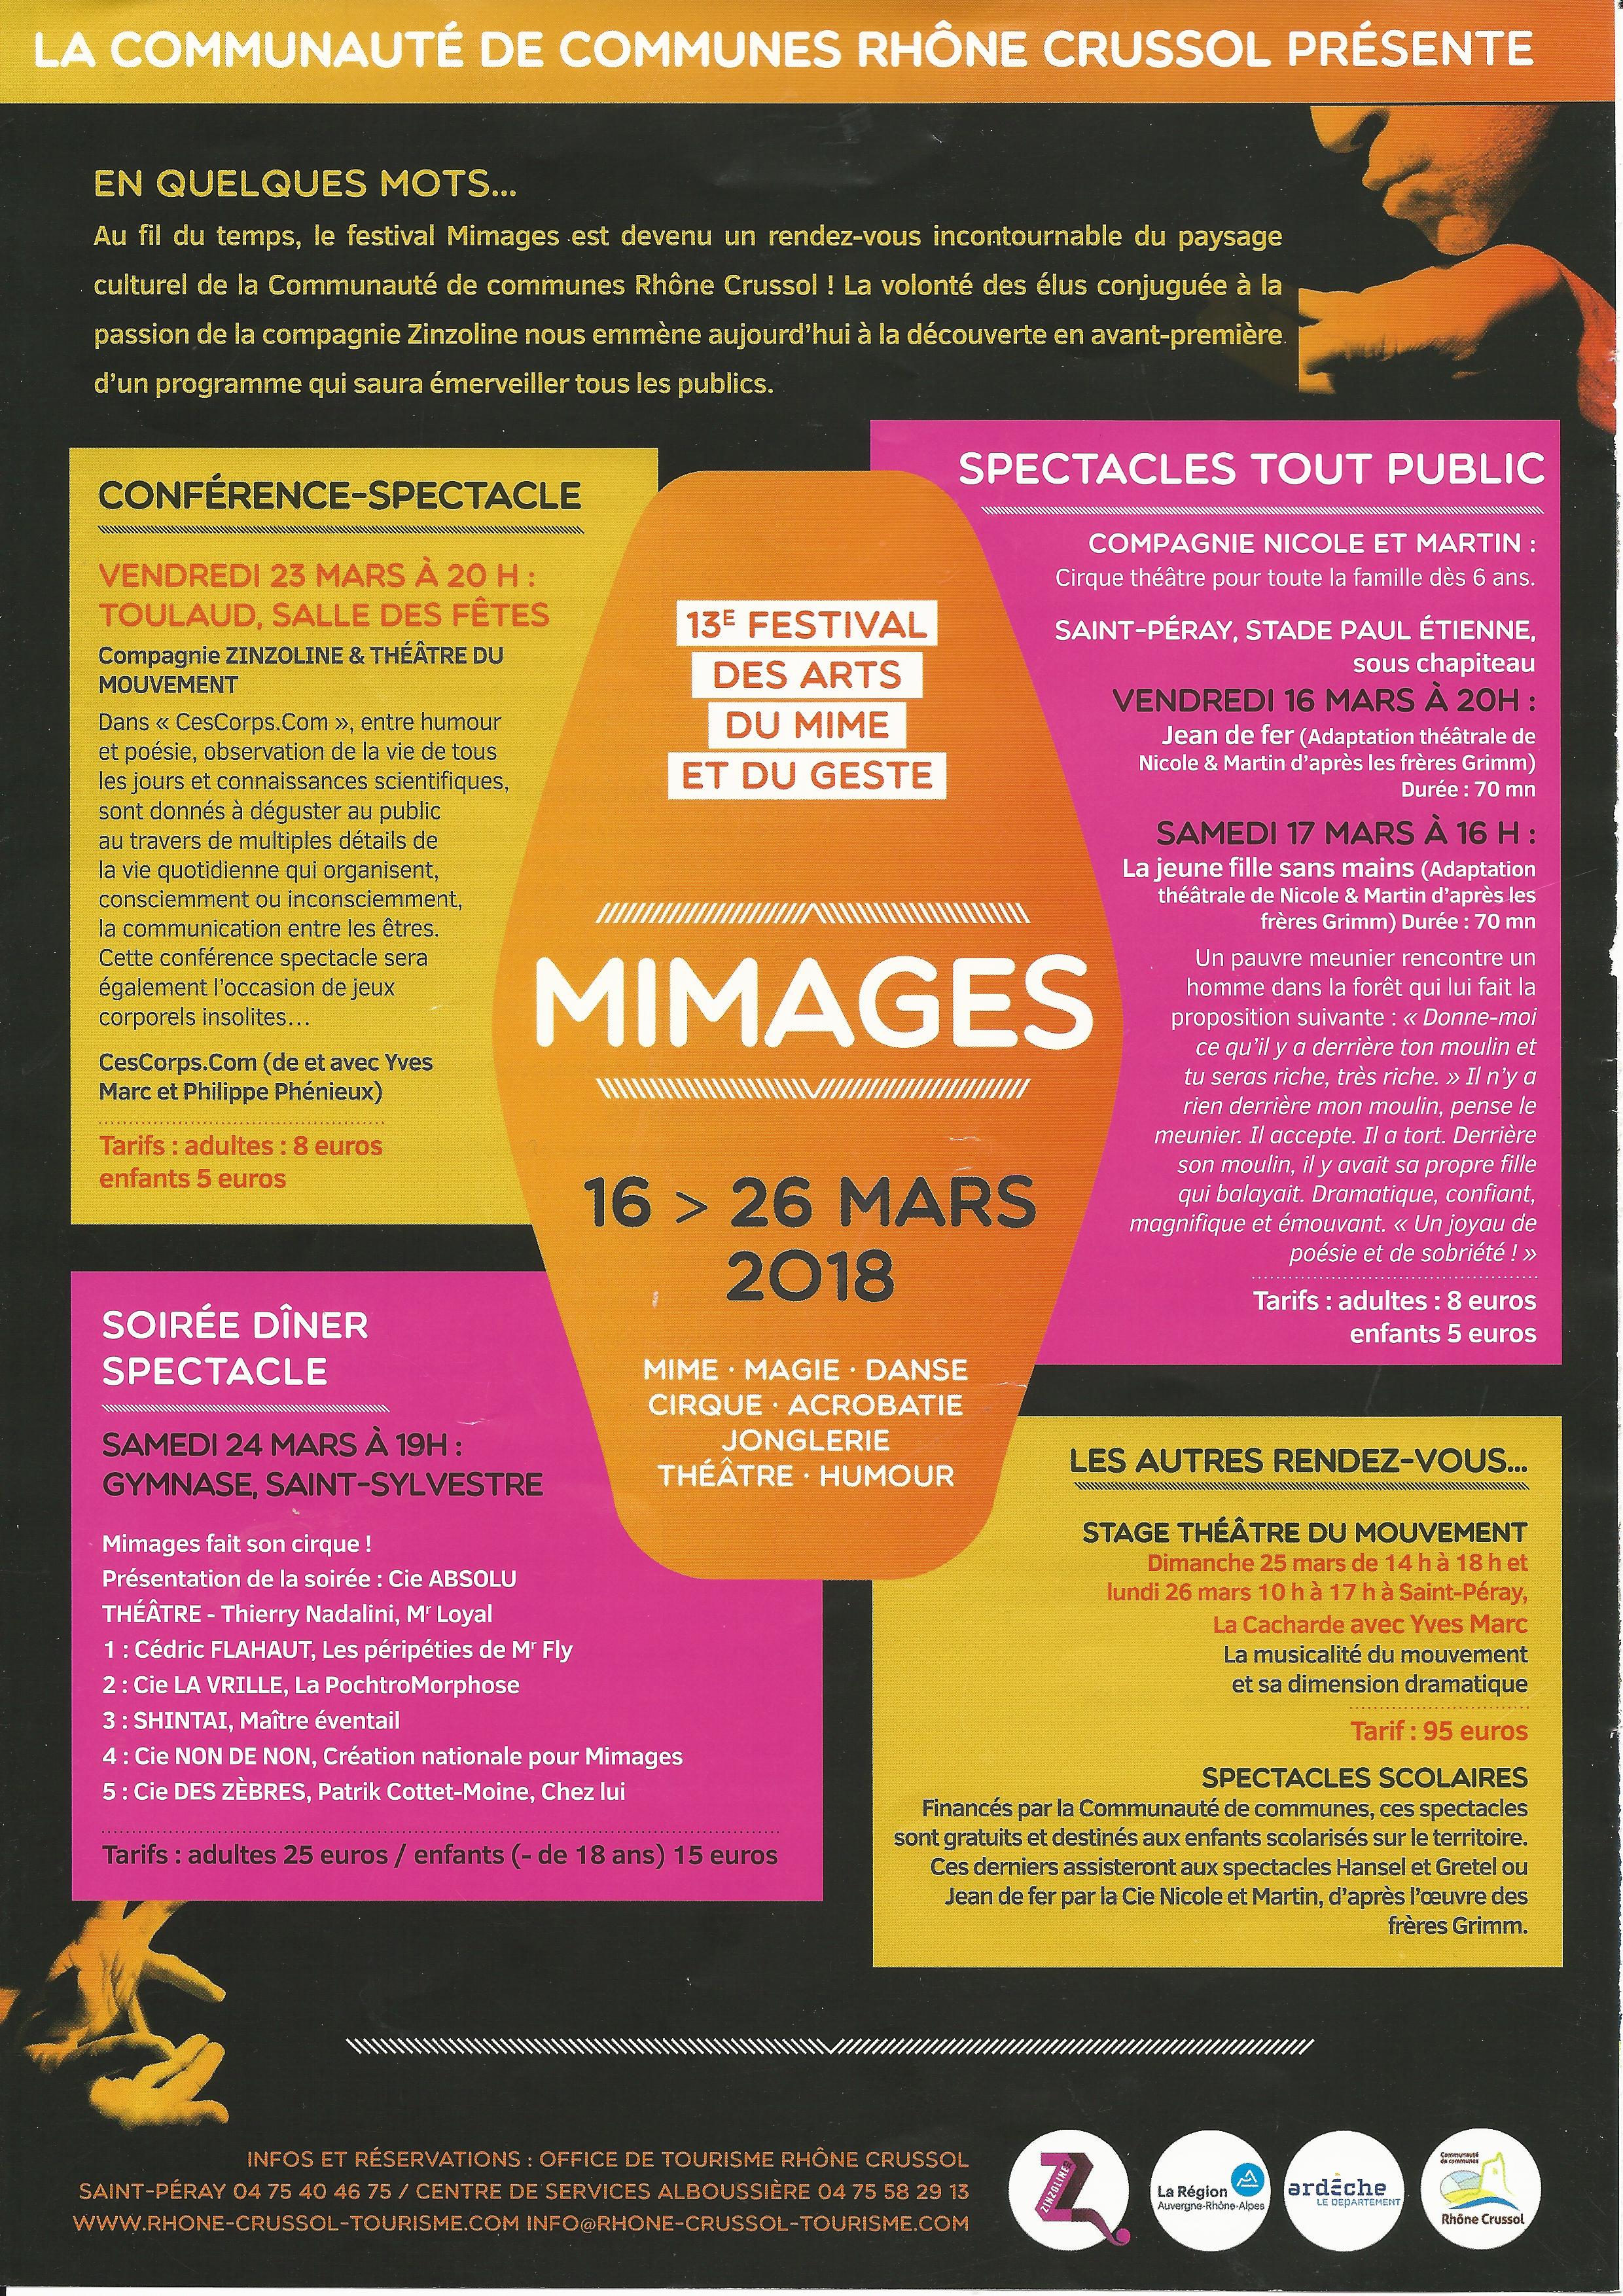 20180101_revue_cc_mimages